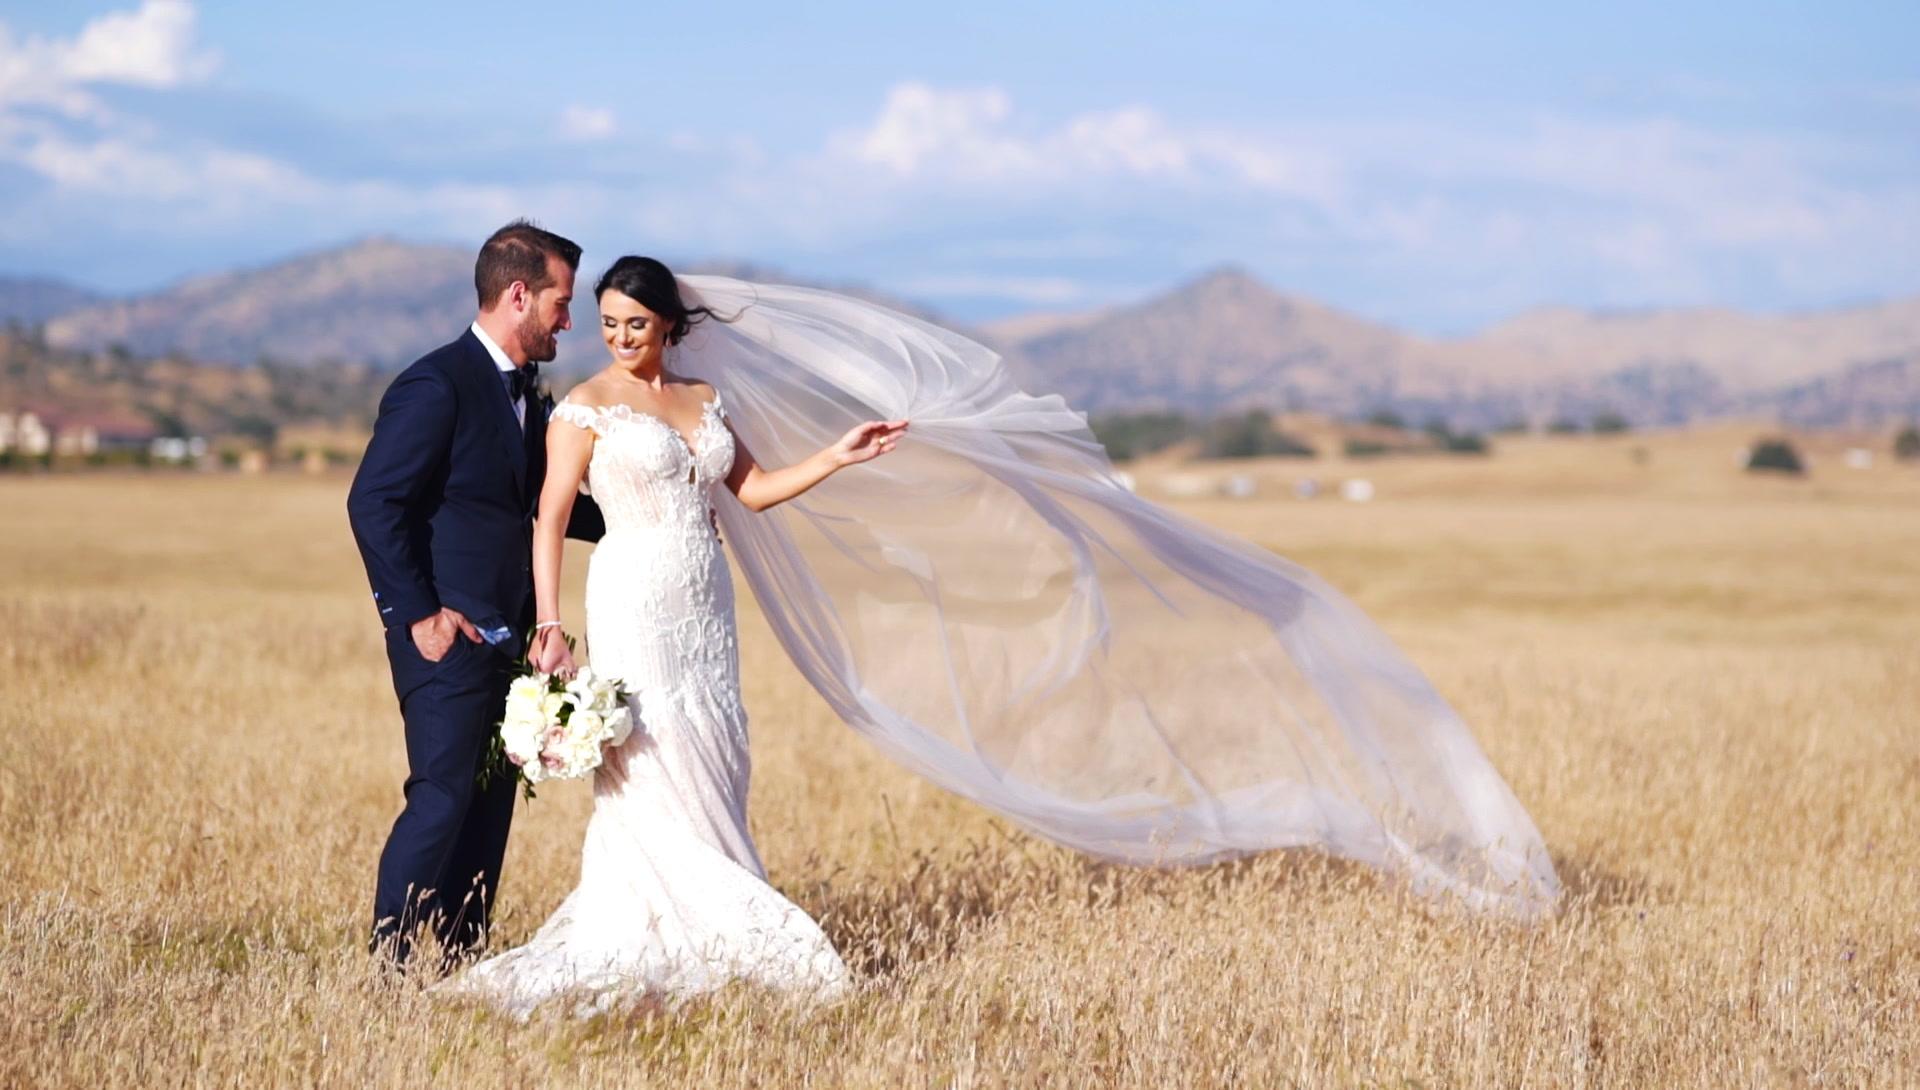 Gabriella  + Paul | Fresno, California | A Family Farm